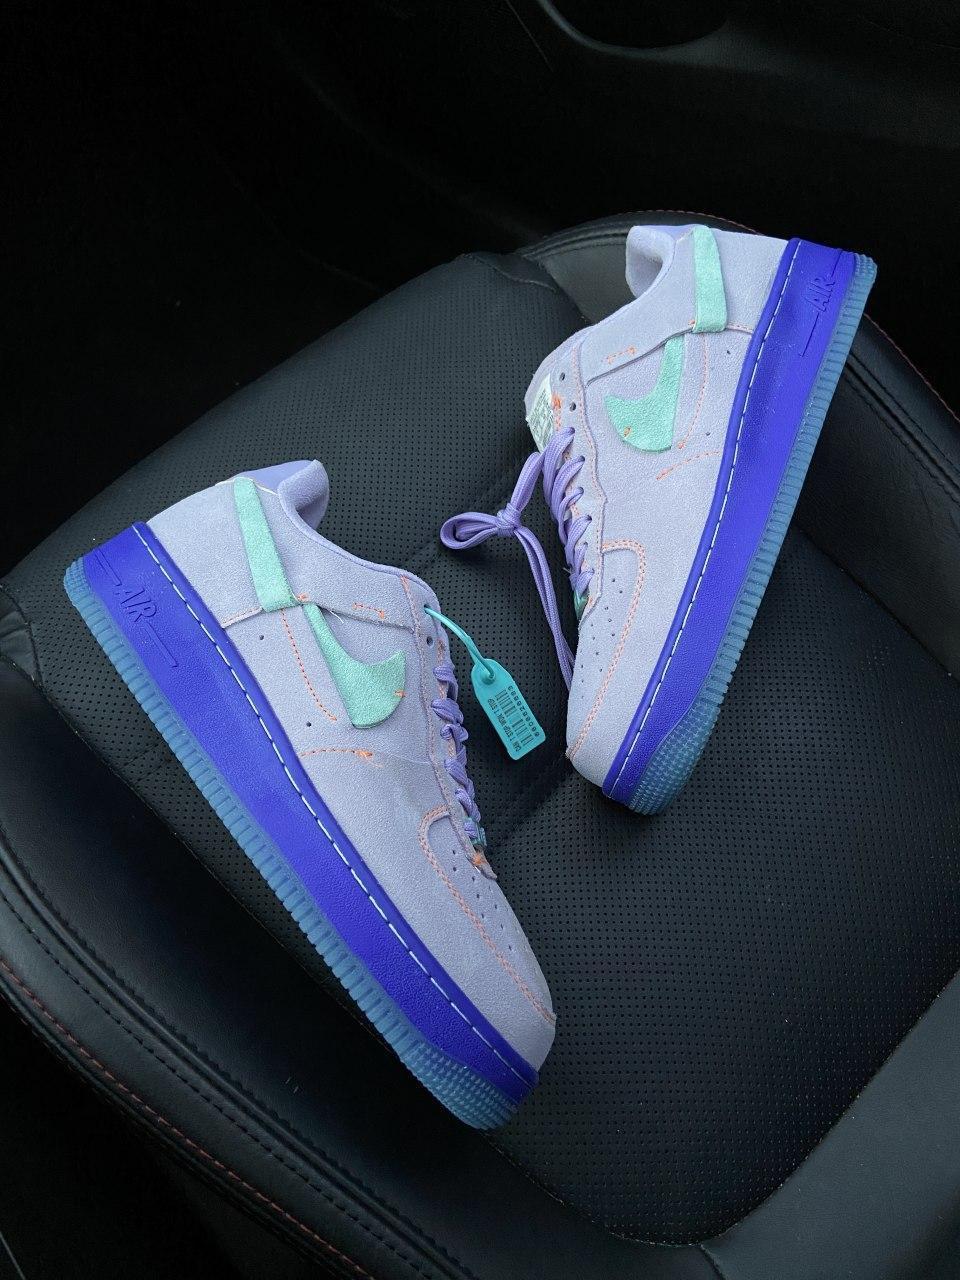 Кроссовки женские Nike Air Force 1 LXX Purple Agate. Женские кроссовки Найк.